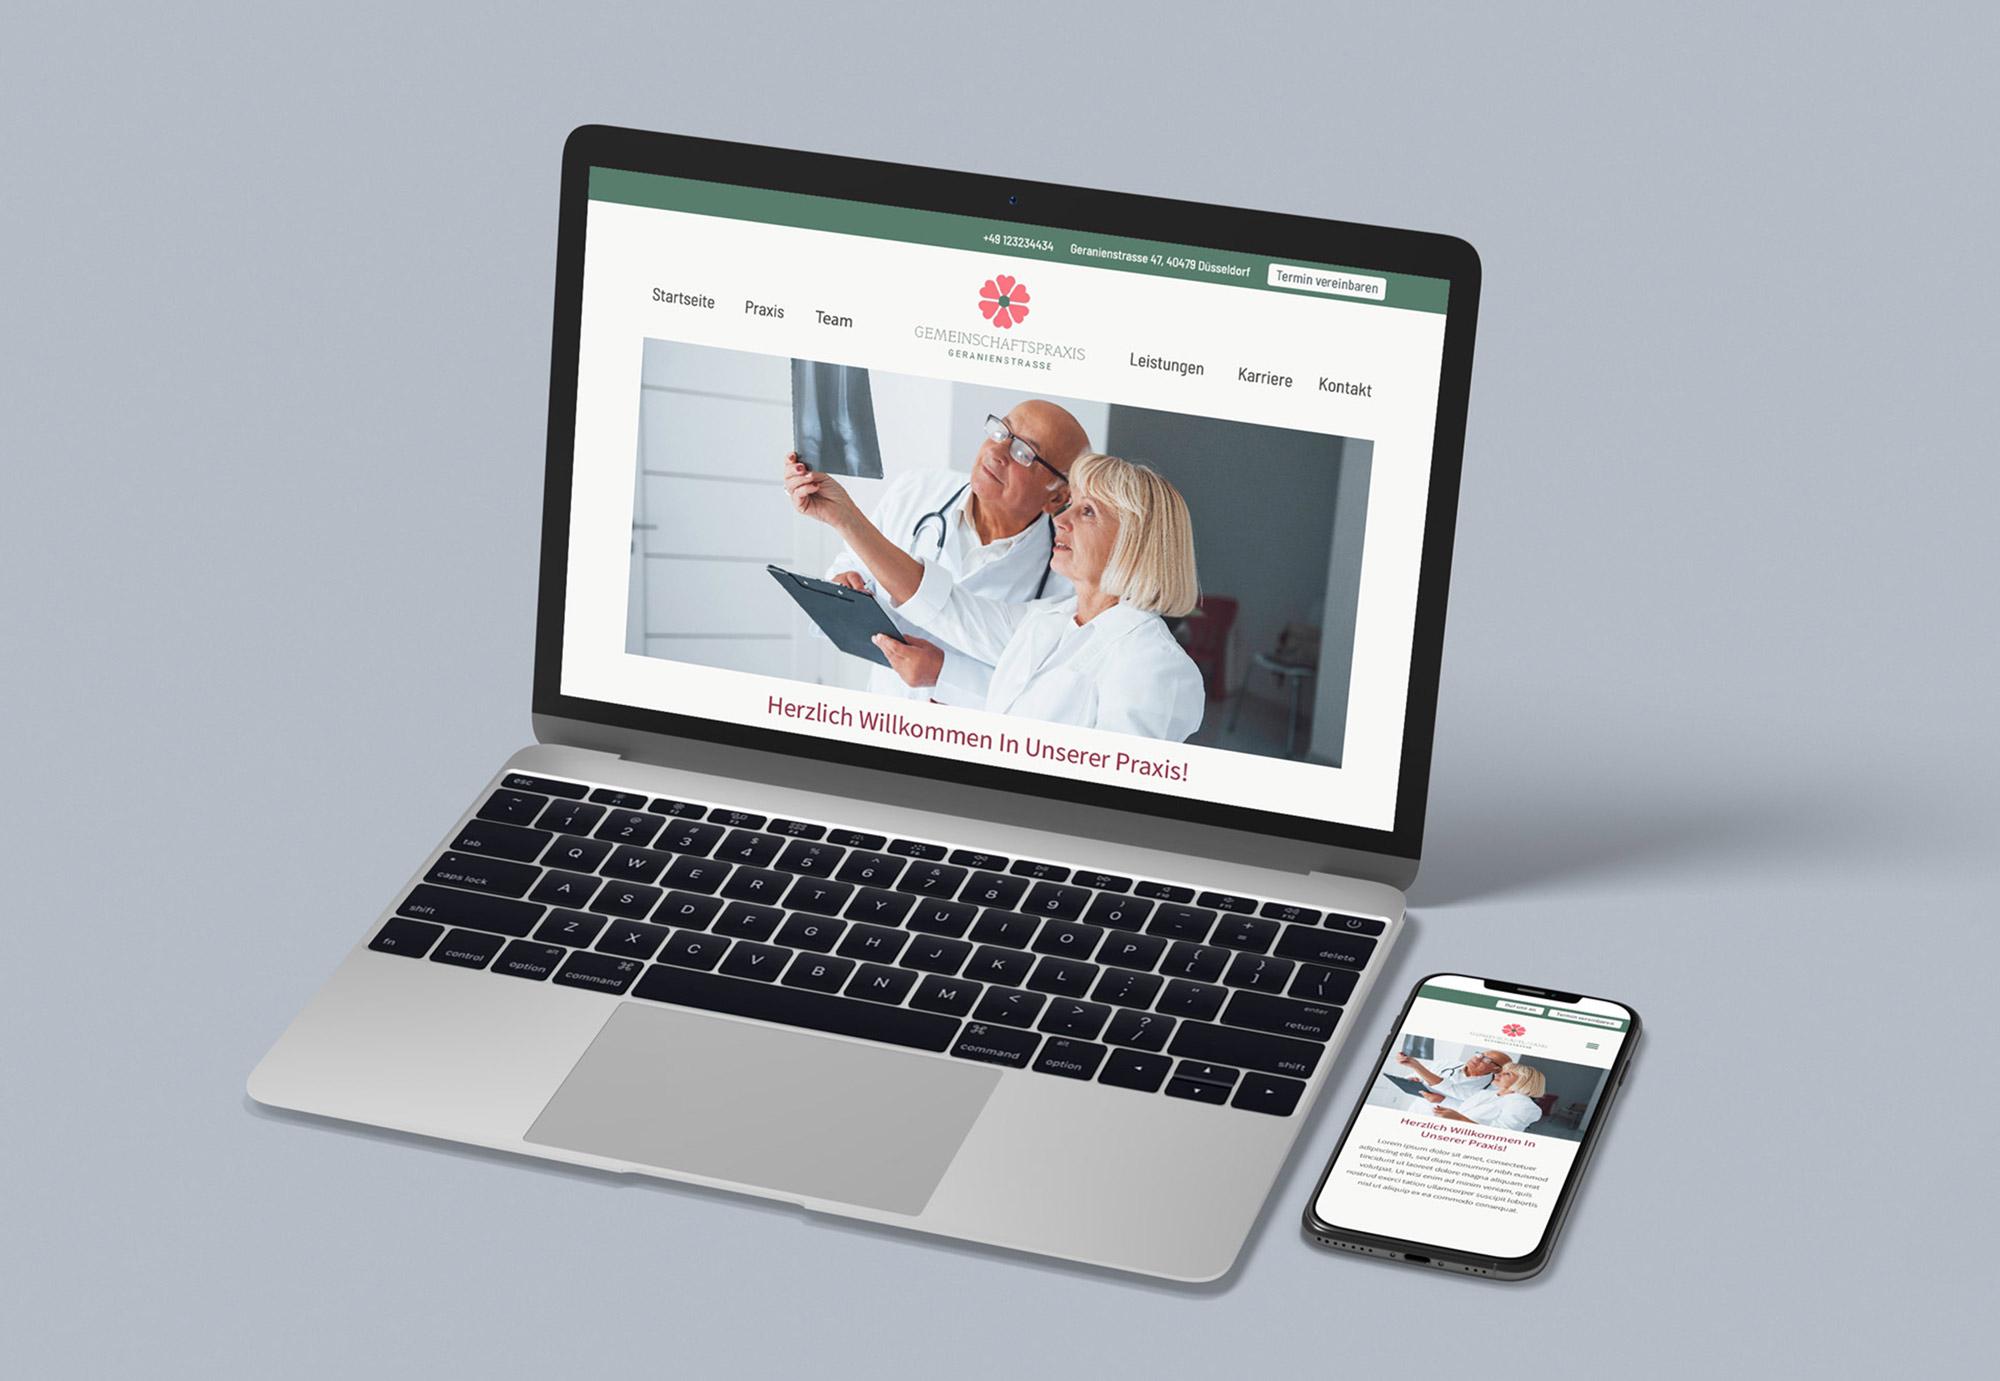 Beispiel einer Praxis Website und Praxismarketing für Mediziner und Therapeuten von Minerva Kreativagentur